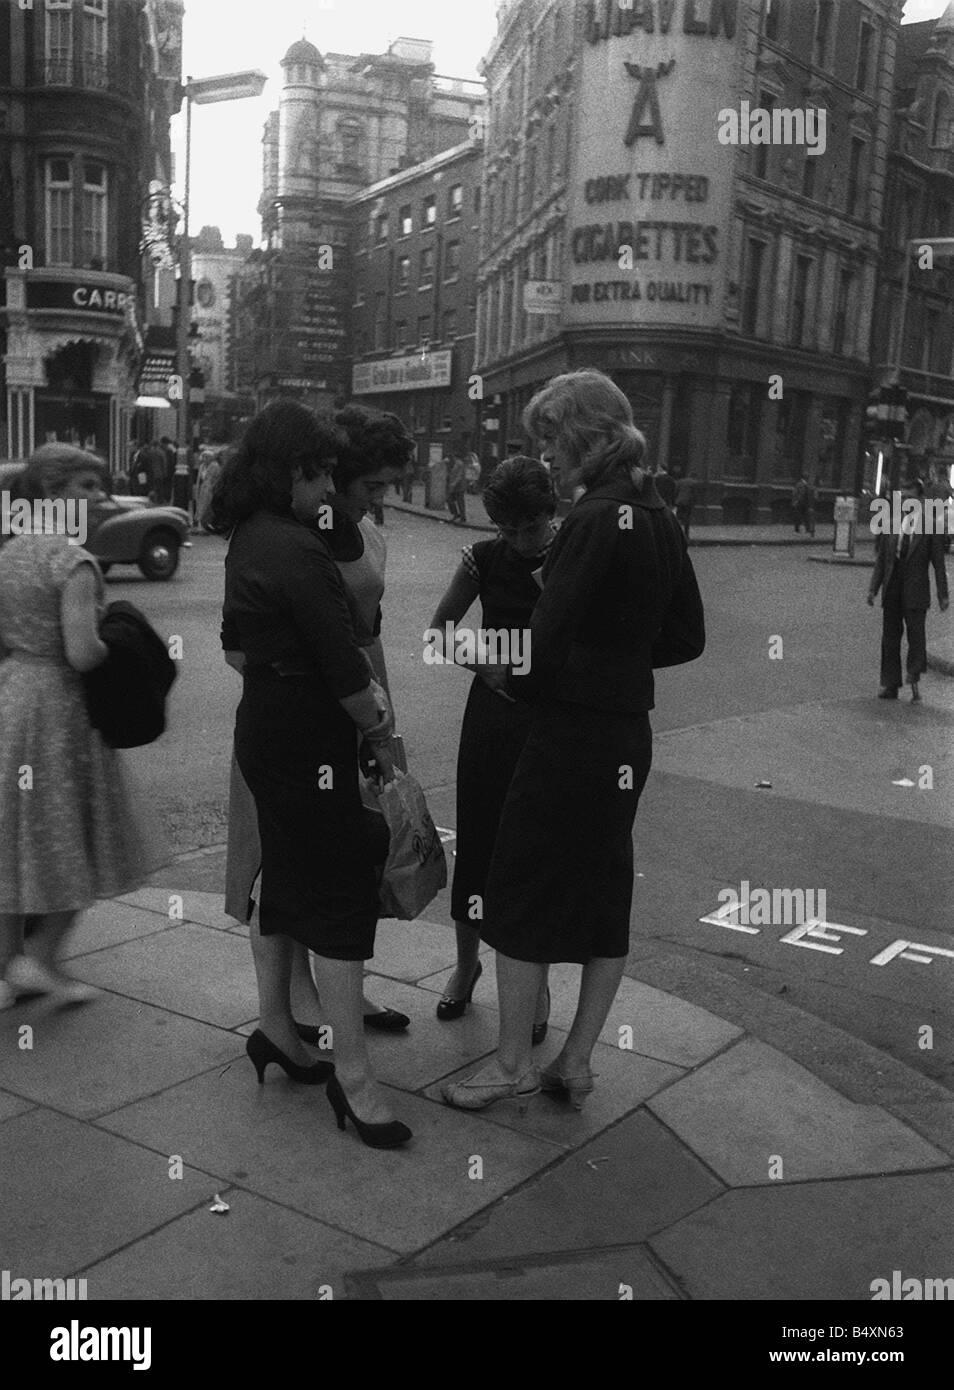 Jugend Mode 1957 London A neues Outfit einen neuen Diskussionspunkt der sechziger Jahre sah, dass London als Stadt Stockbild